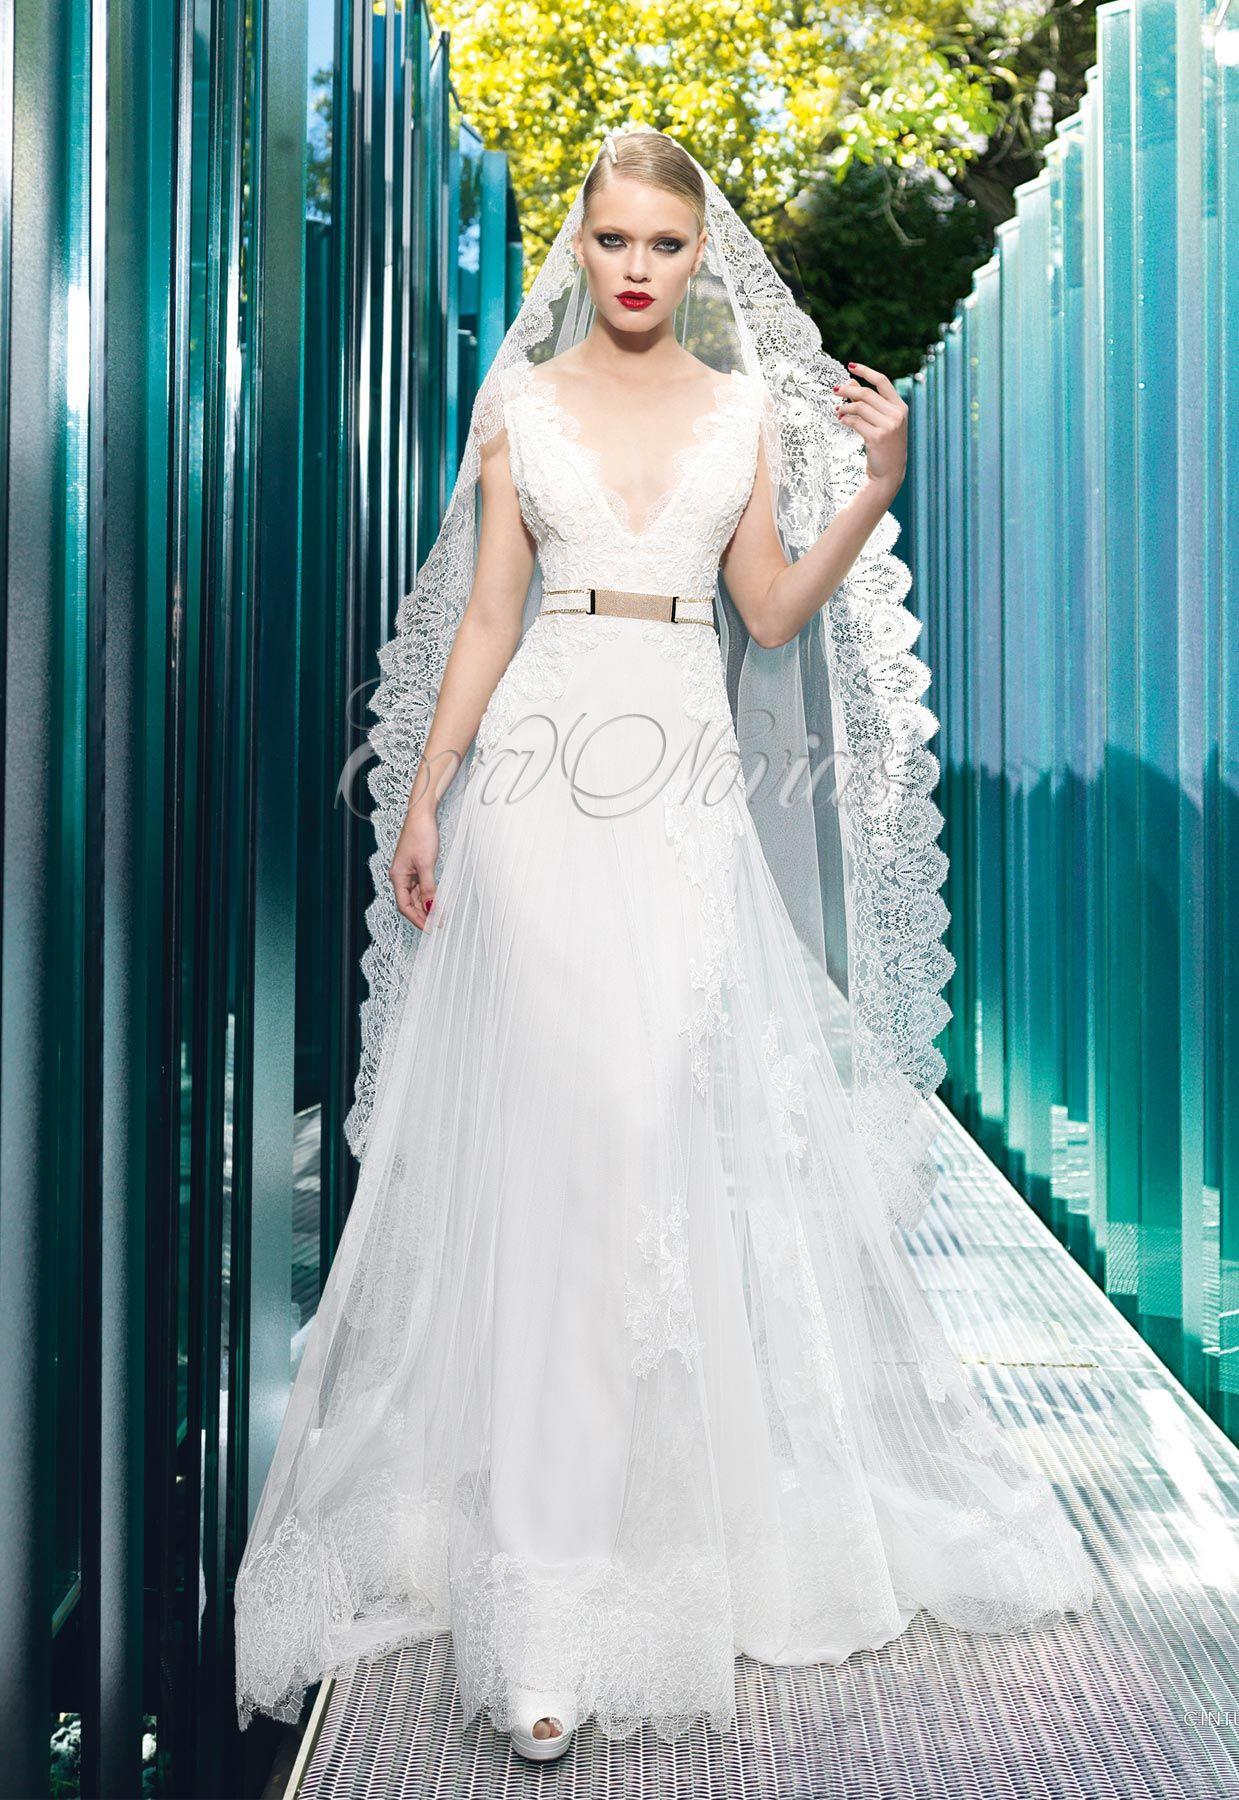 Vestido de novia de Yolancris modelo Aris en Eva Novias. Via www ...